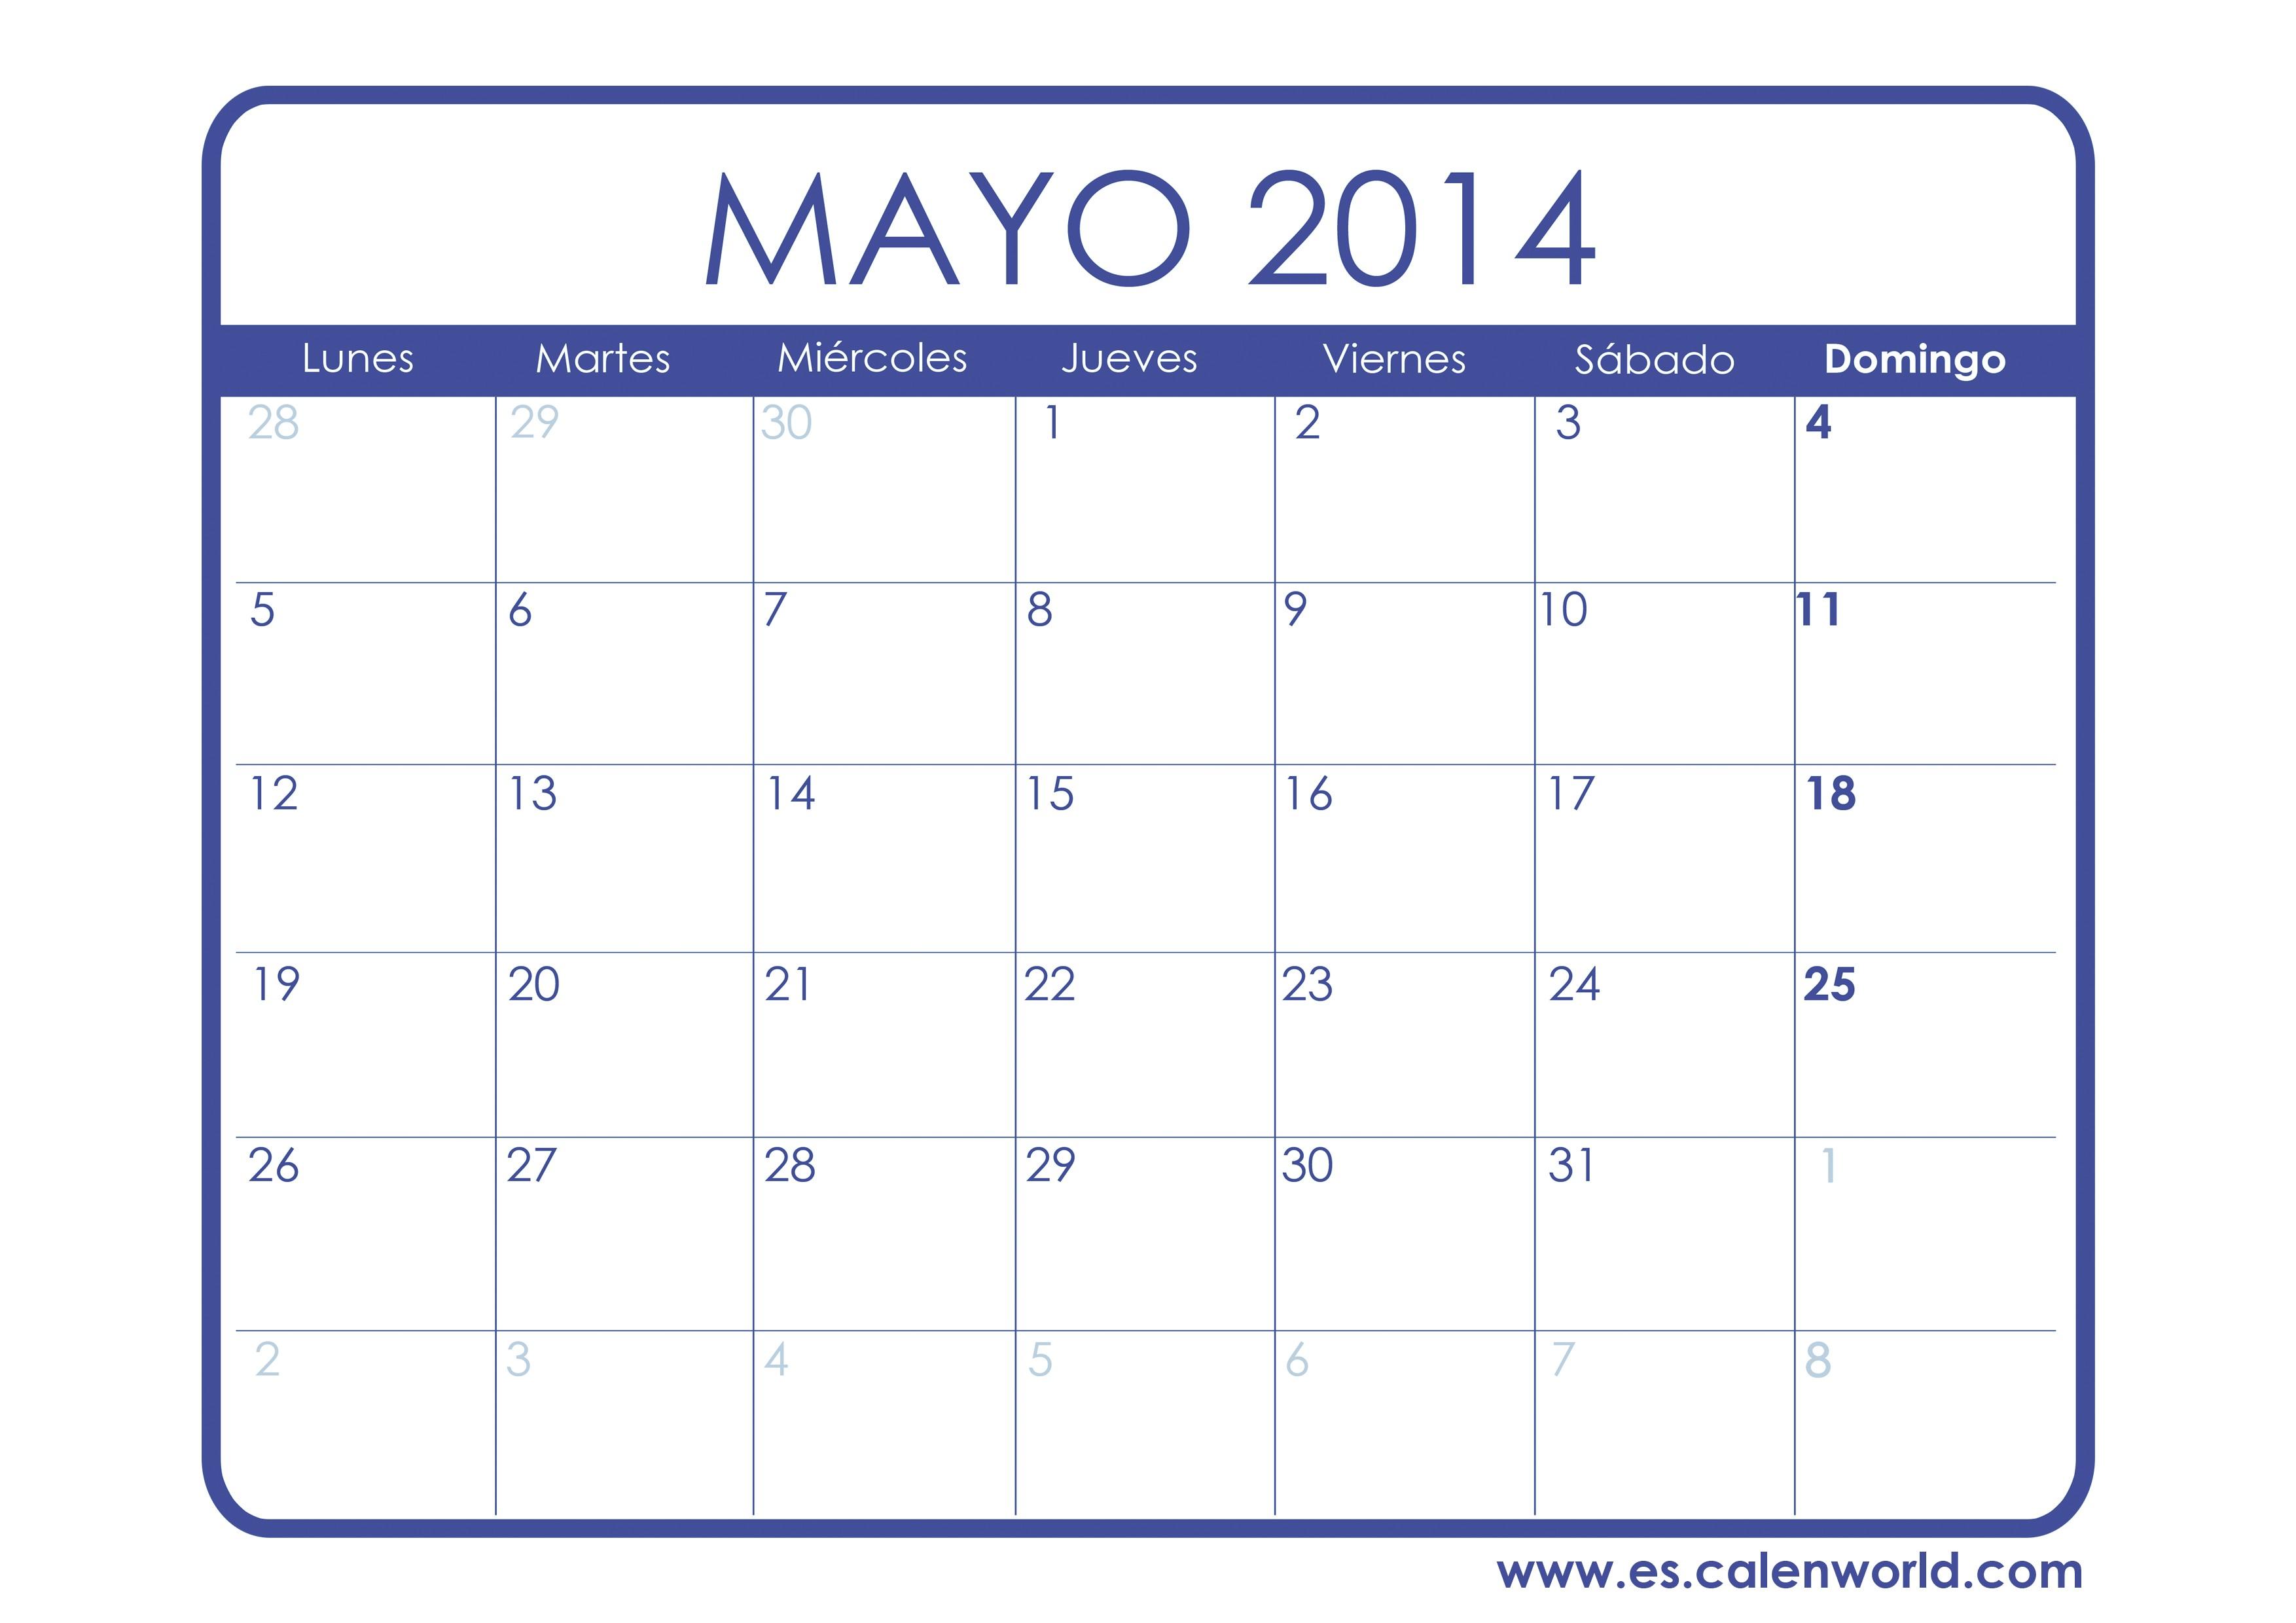 Calendario Para Imprimir 2017 Argentina Más Recientes Imprimir Calendario Mes A Mes Calendario Mensual Diciembre Para Of Calendario Para Imprimir 2017 Argentina Más Arriba-a-fecha Mejores 101 Imágenes De Emprende Varios En Pinterest